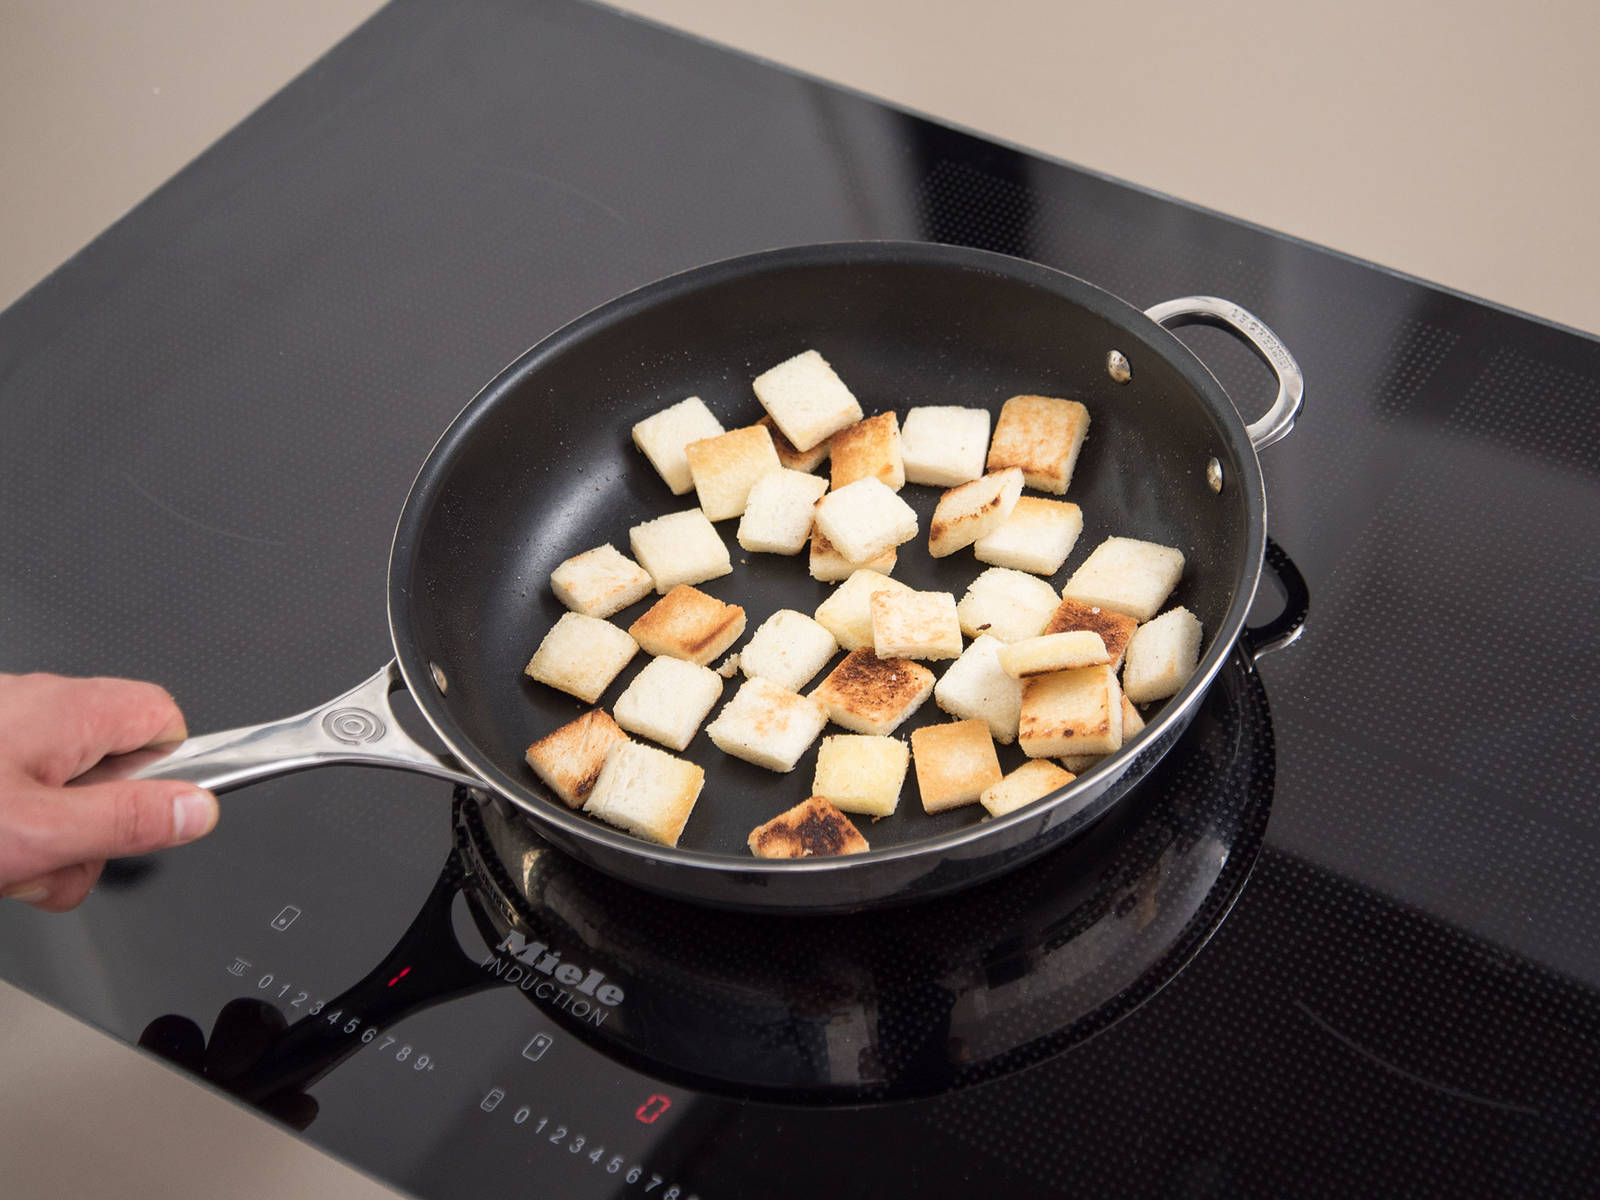 将香葱剁碎,然后和奶油奶酪一起放入碗中。搅拌混合,撒盐与胡椒调味。置于一旁。将白面包切成边长约2厘米的方块。在煎锅中,中高火加热橄榄油。煎面包5分钟,或直至面包变成金黄色。从煎锅中取出,置于一旁。